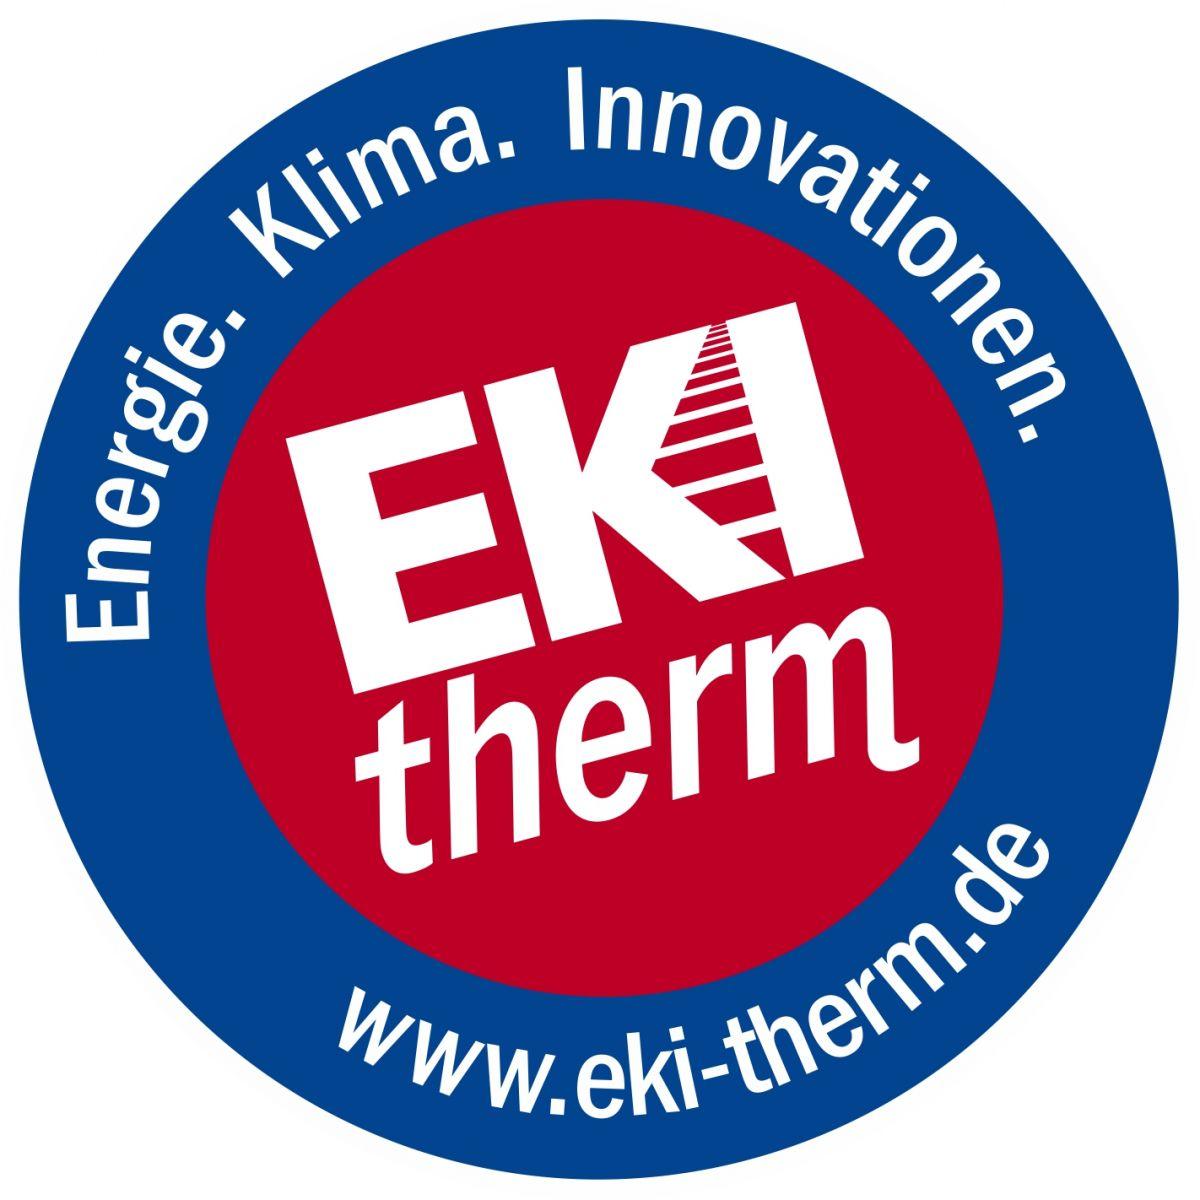 stadt_dienstausweis/ekitherm_logo.jpg